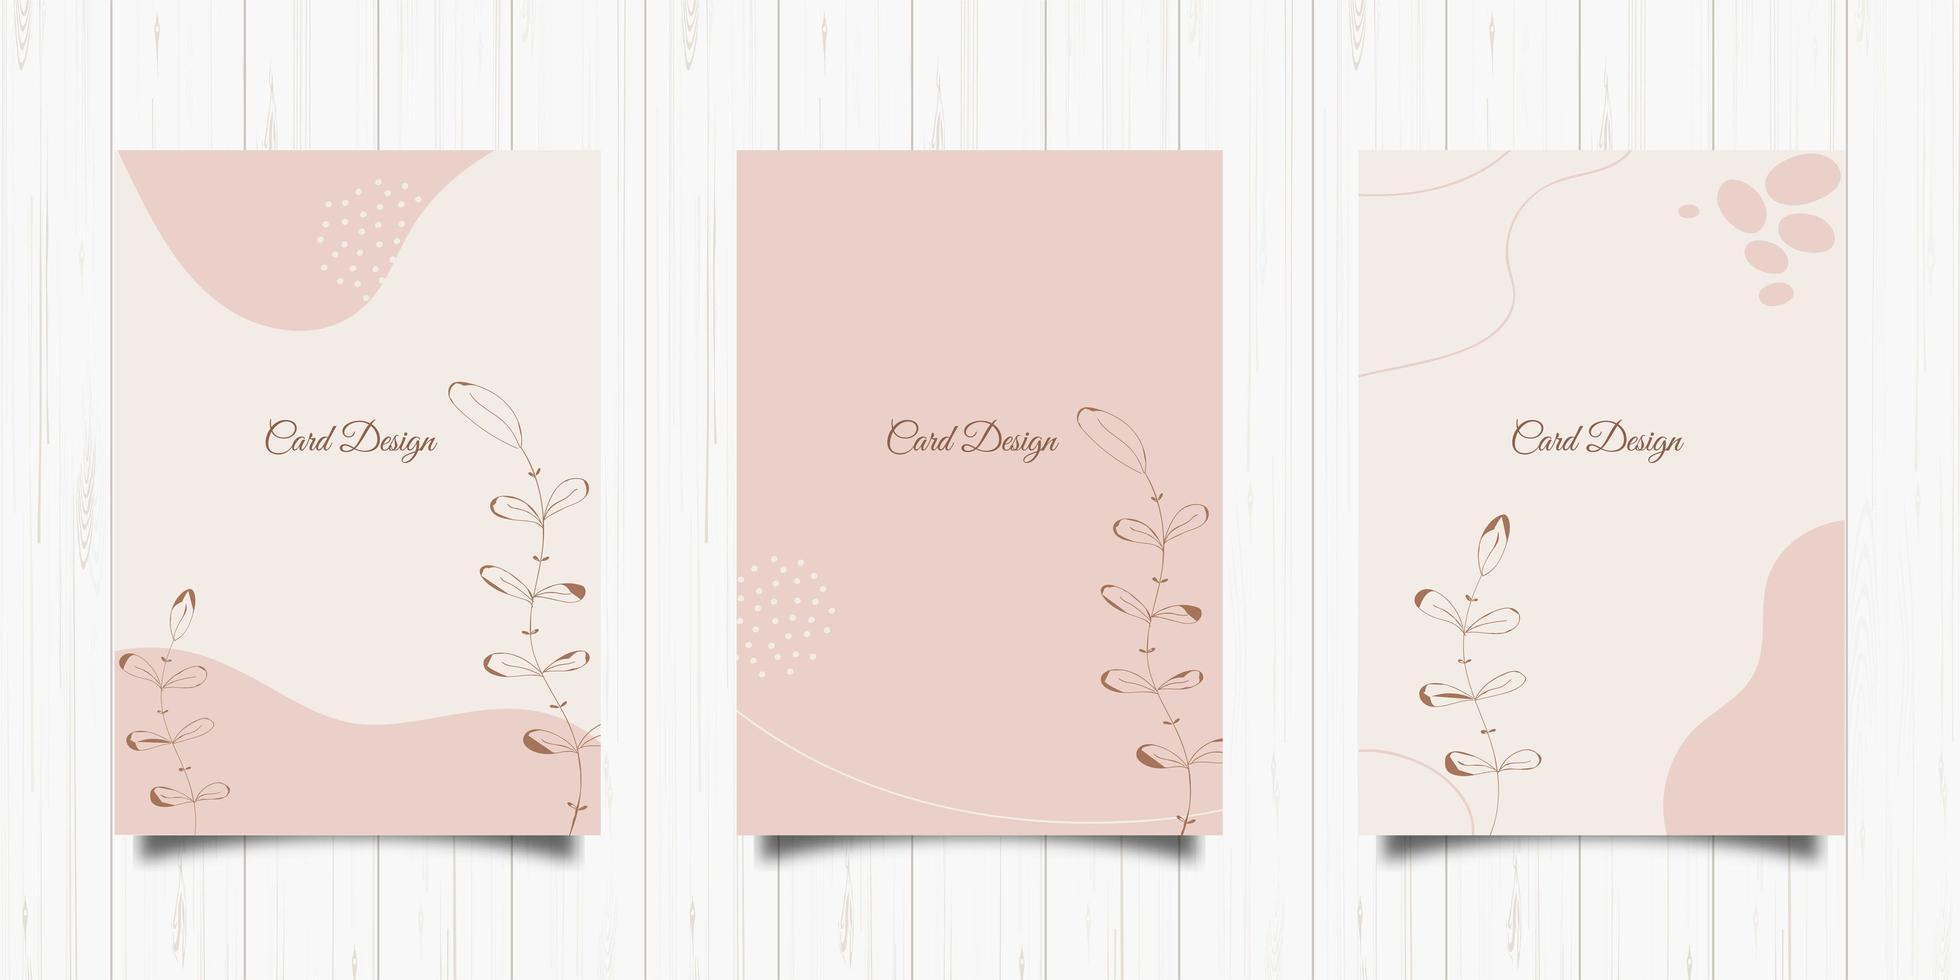 conjunto de cartões elegantes em tons pastel vetor